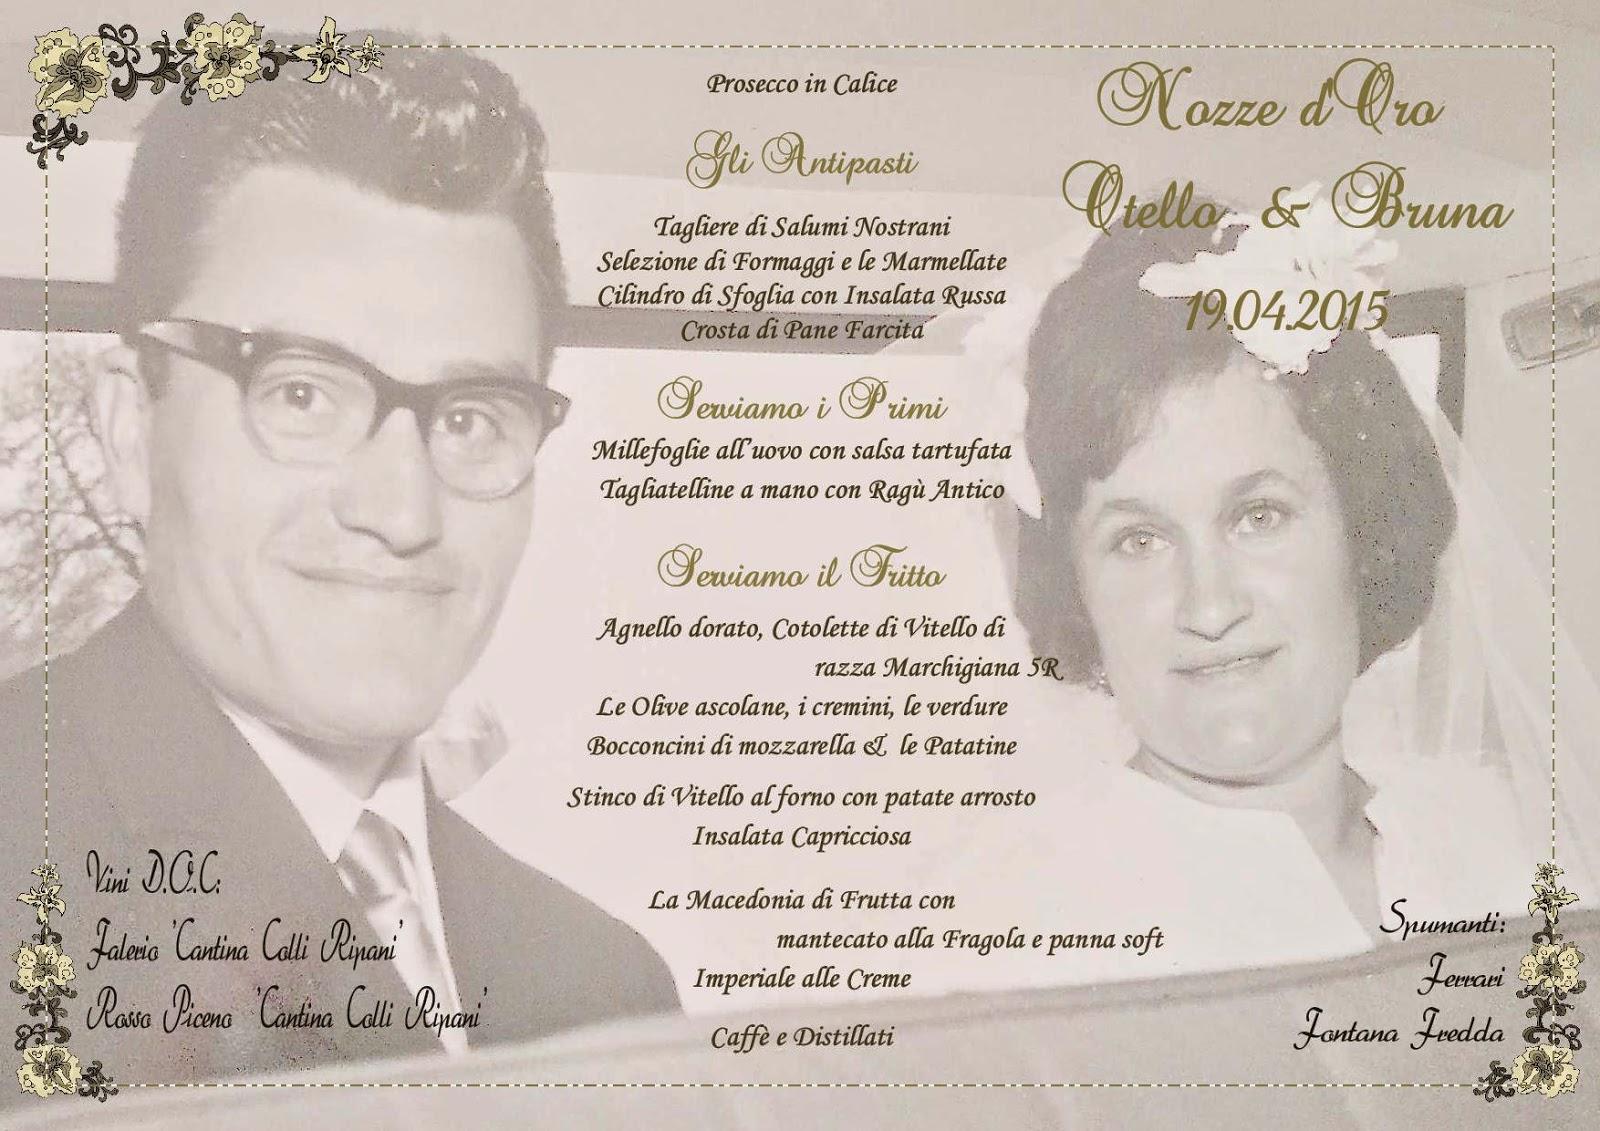 Anniversario Di Matrimonio Vacanza.Vacanza Marche 50 Anniversario Di Matrimonio